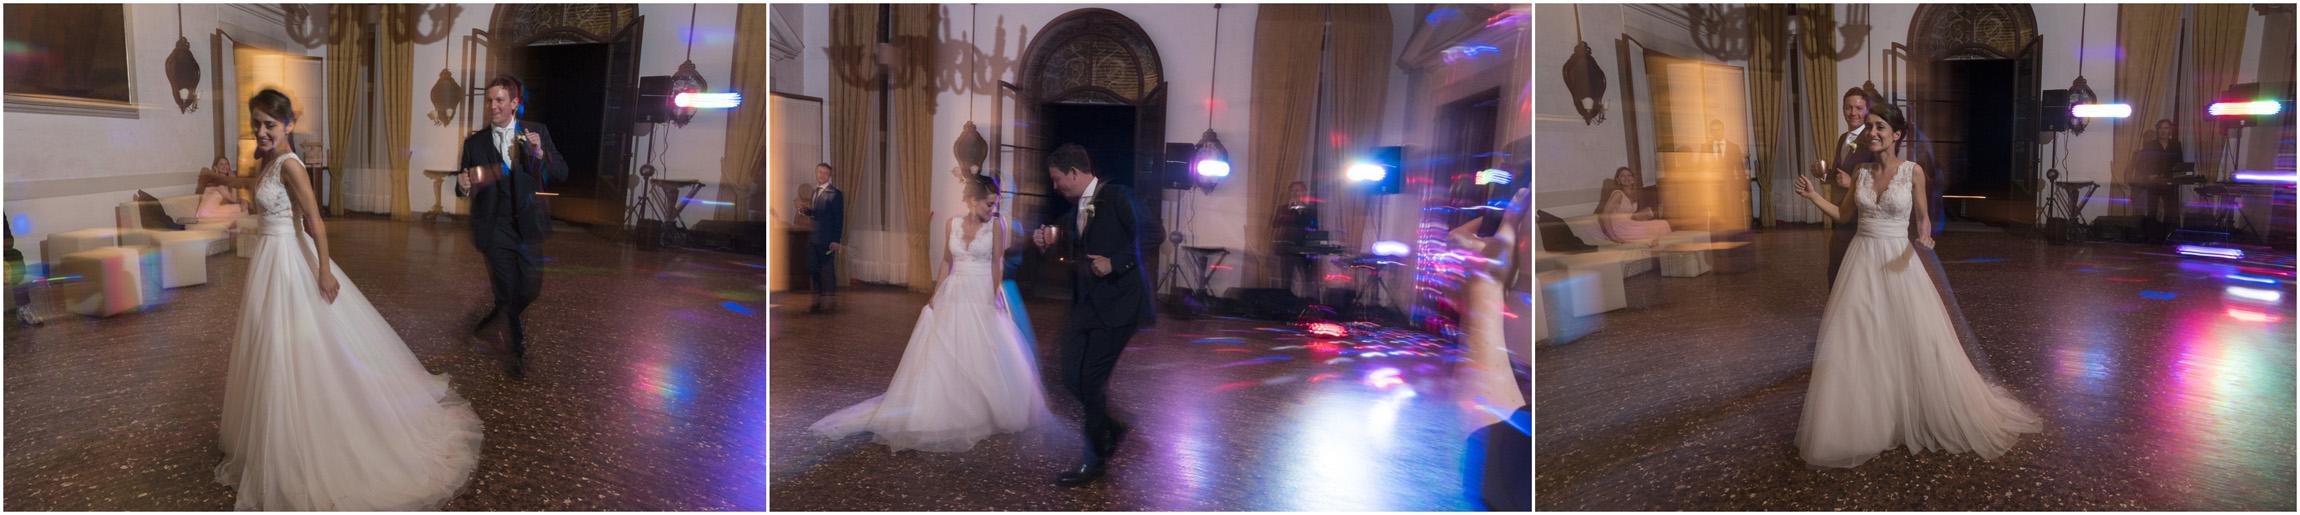 ©FianderFoto_Chira_Gigi_Wedding_Italy_083.jpg